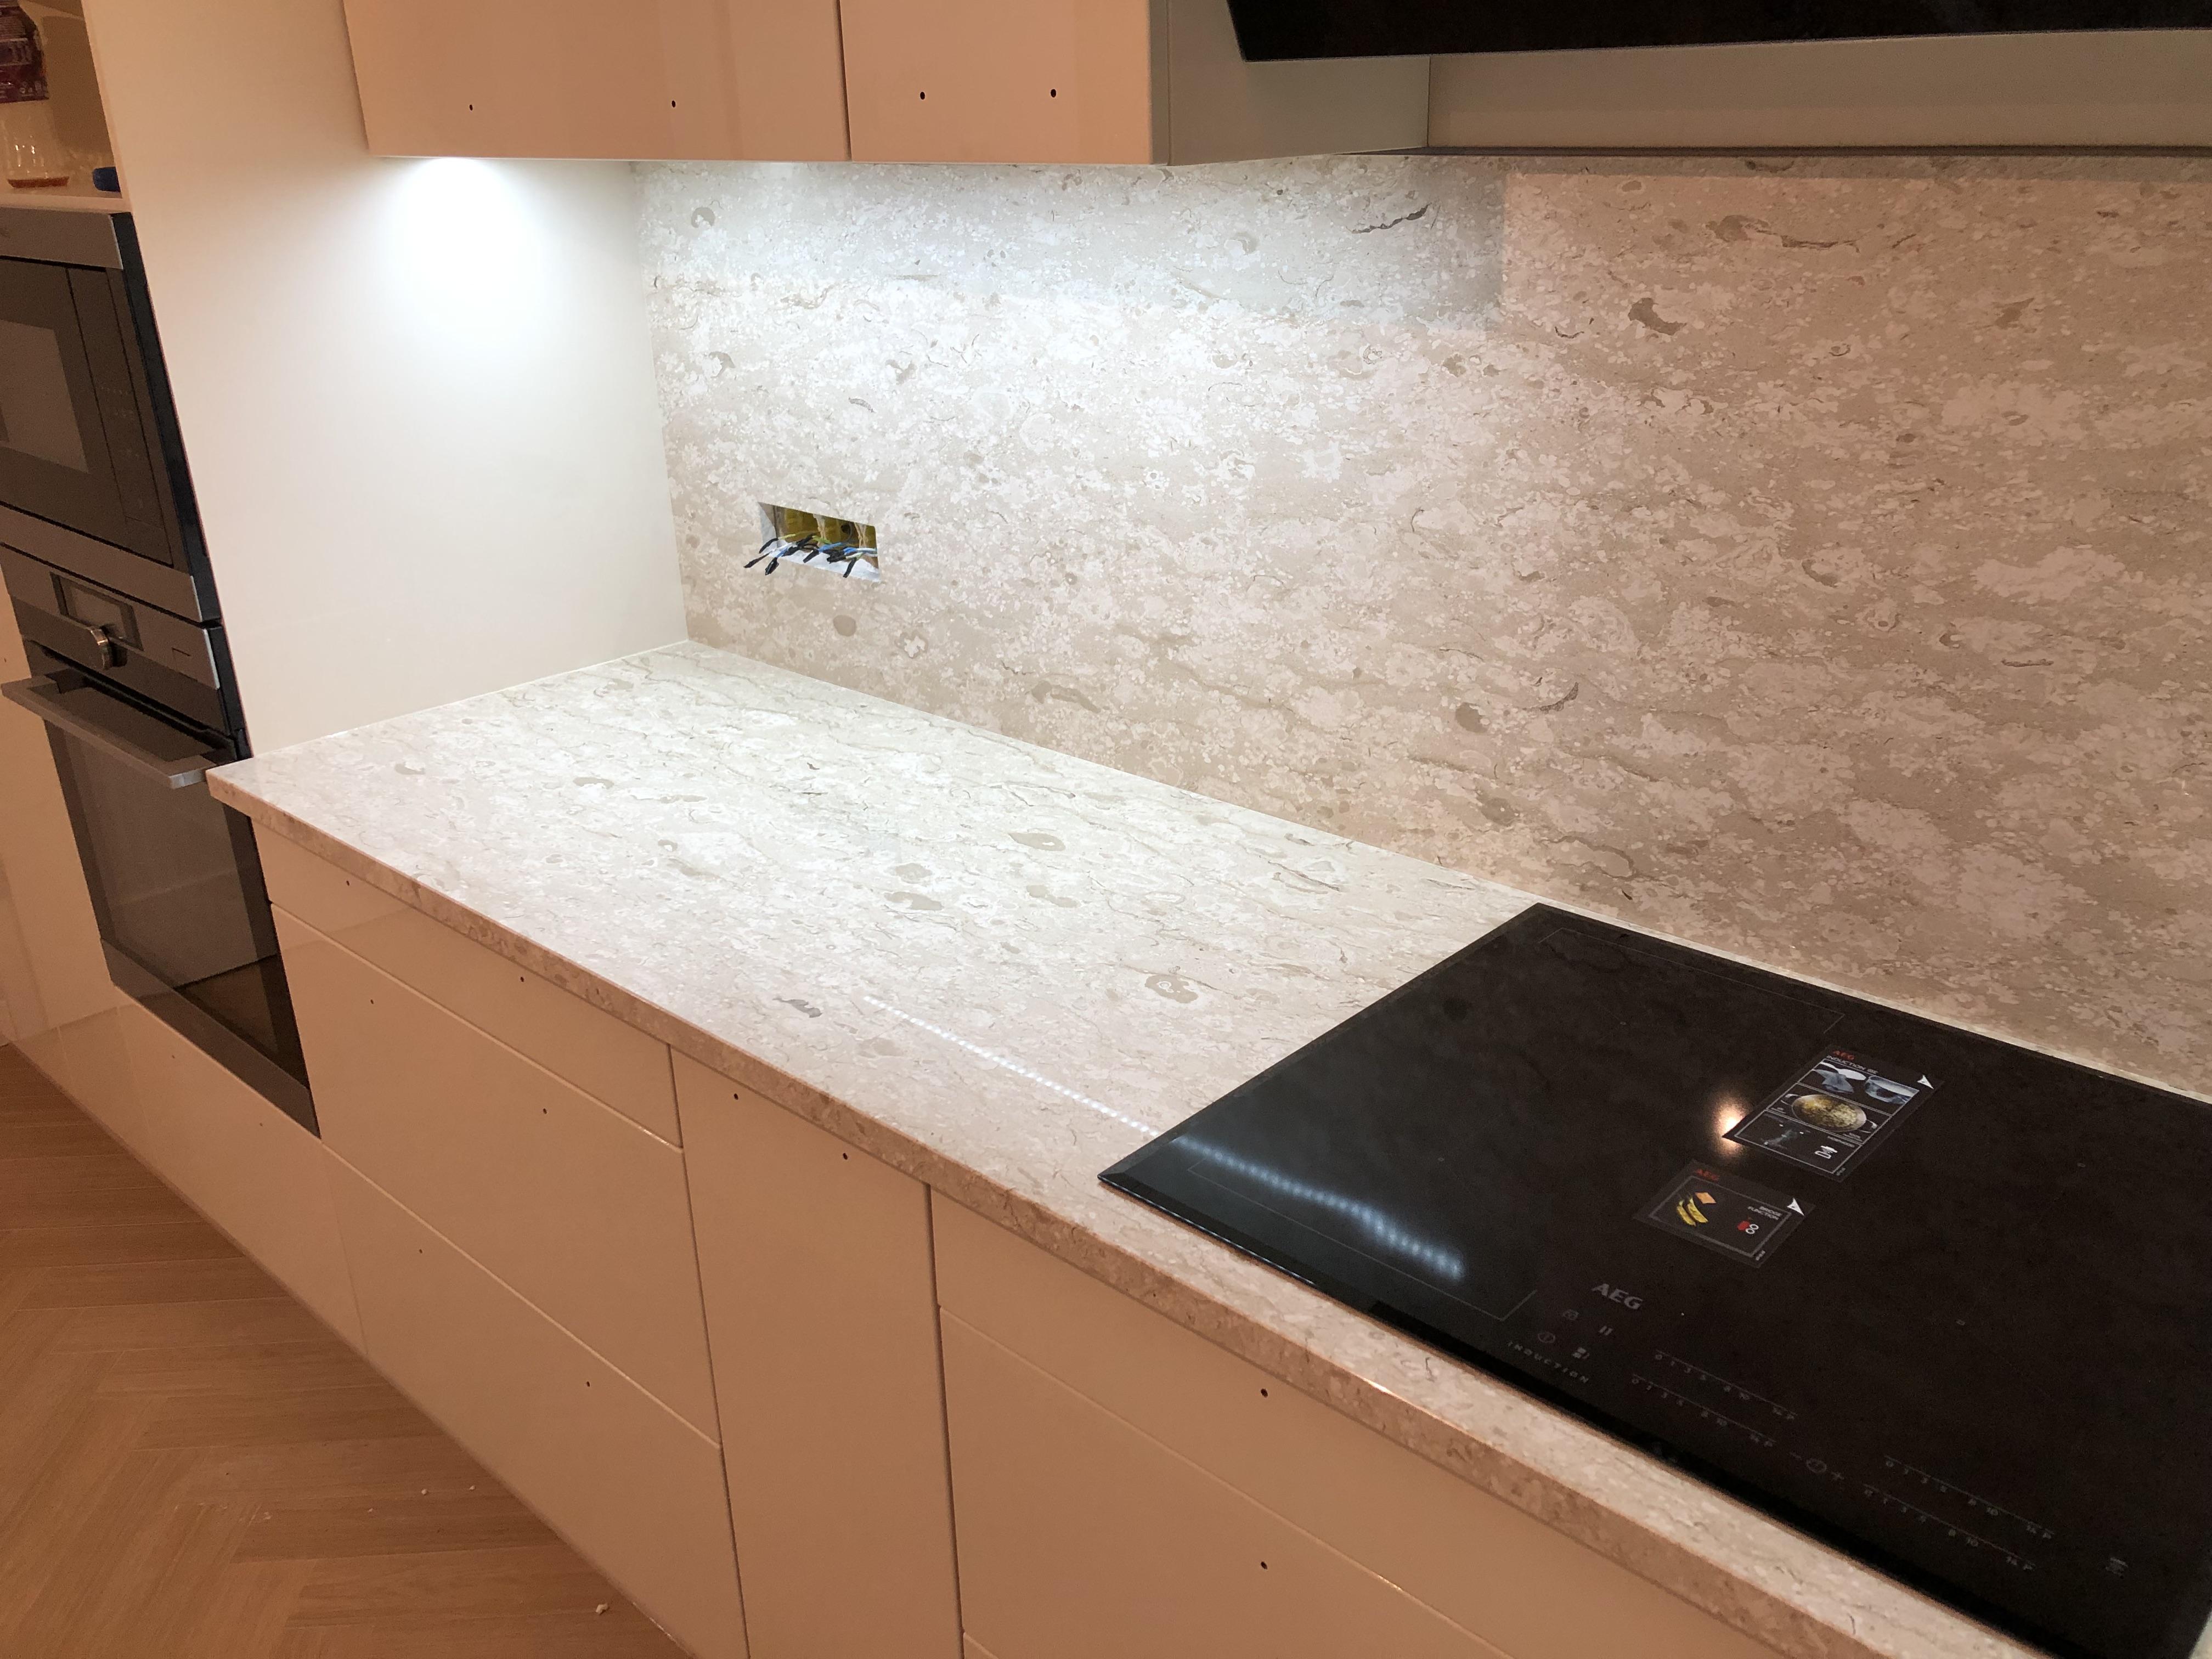 Royal Perlatino Márvány konyhapult (x3cm) és homlokfal (x2cm)vastagság,fényes felülettel, gyári felületkonzerválással